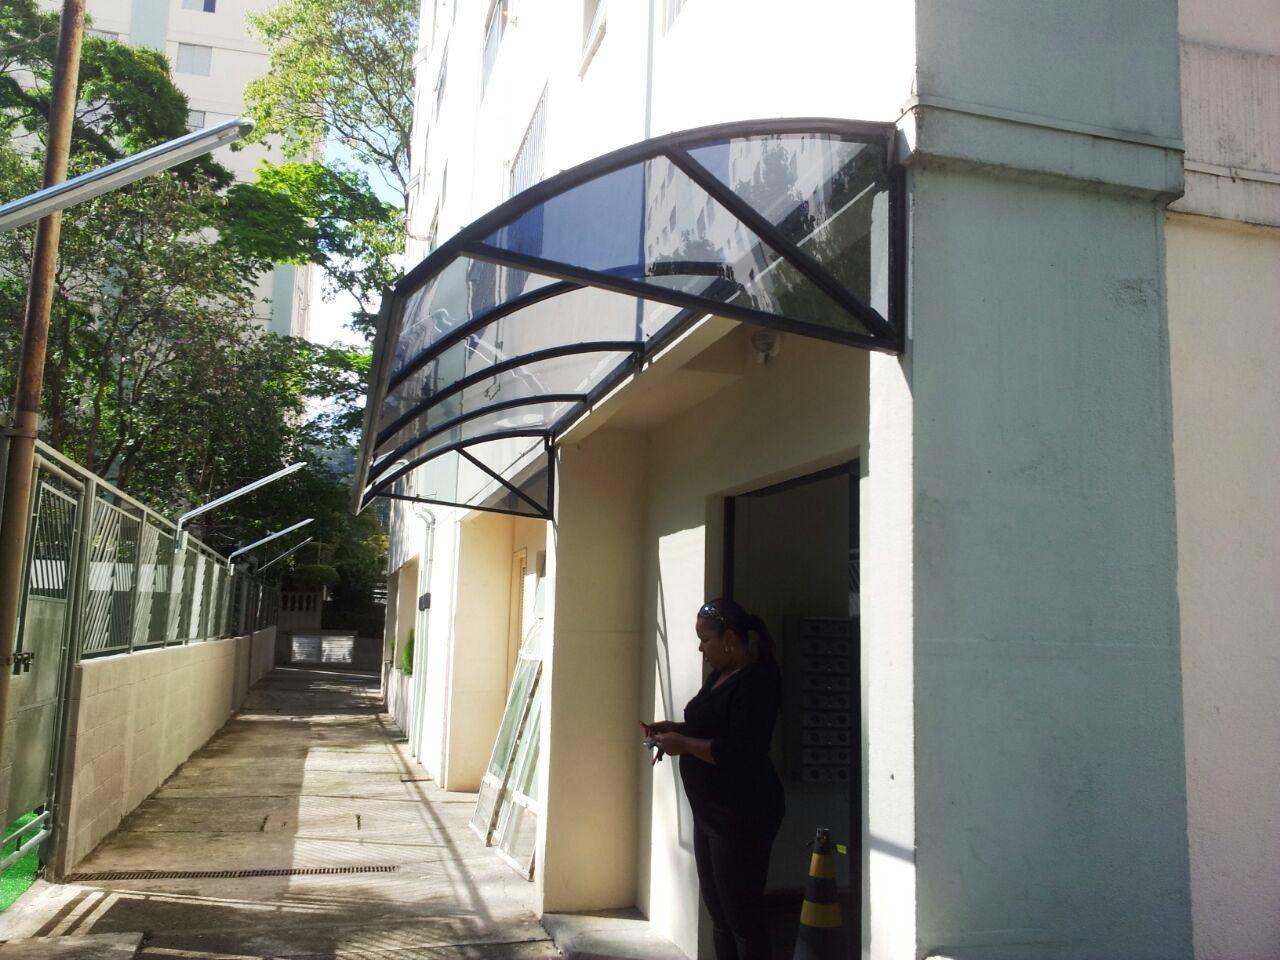 Onde Encontrar Instalação de Toldos na Cupecê - Toldo Fixo em Lona